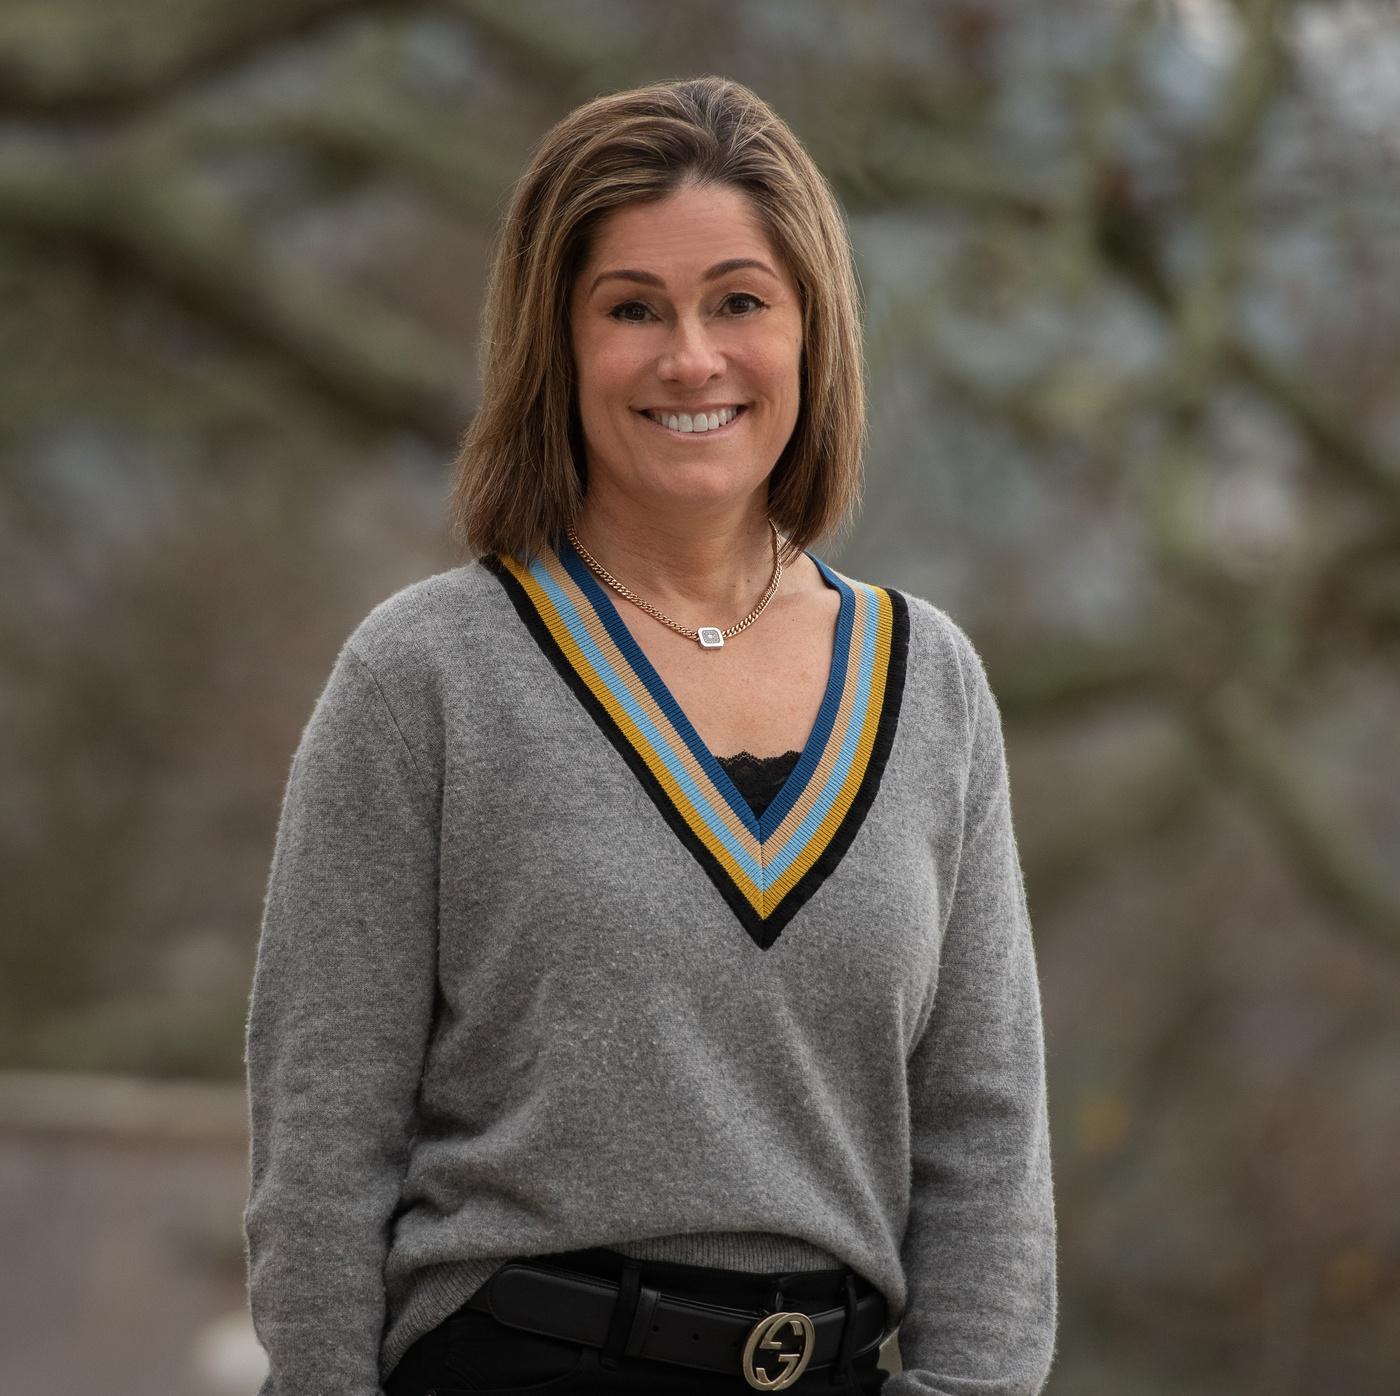 Jill Fusari